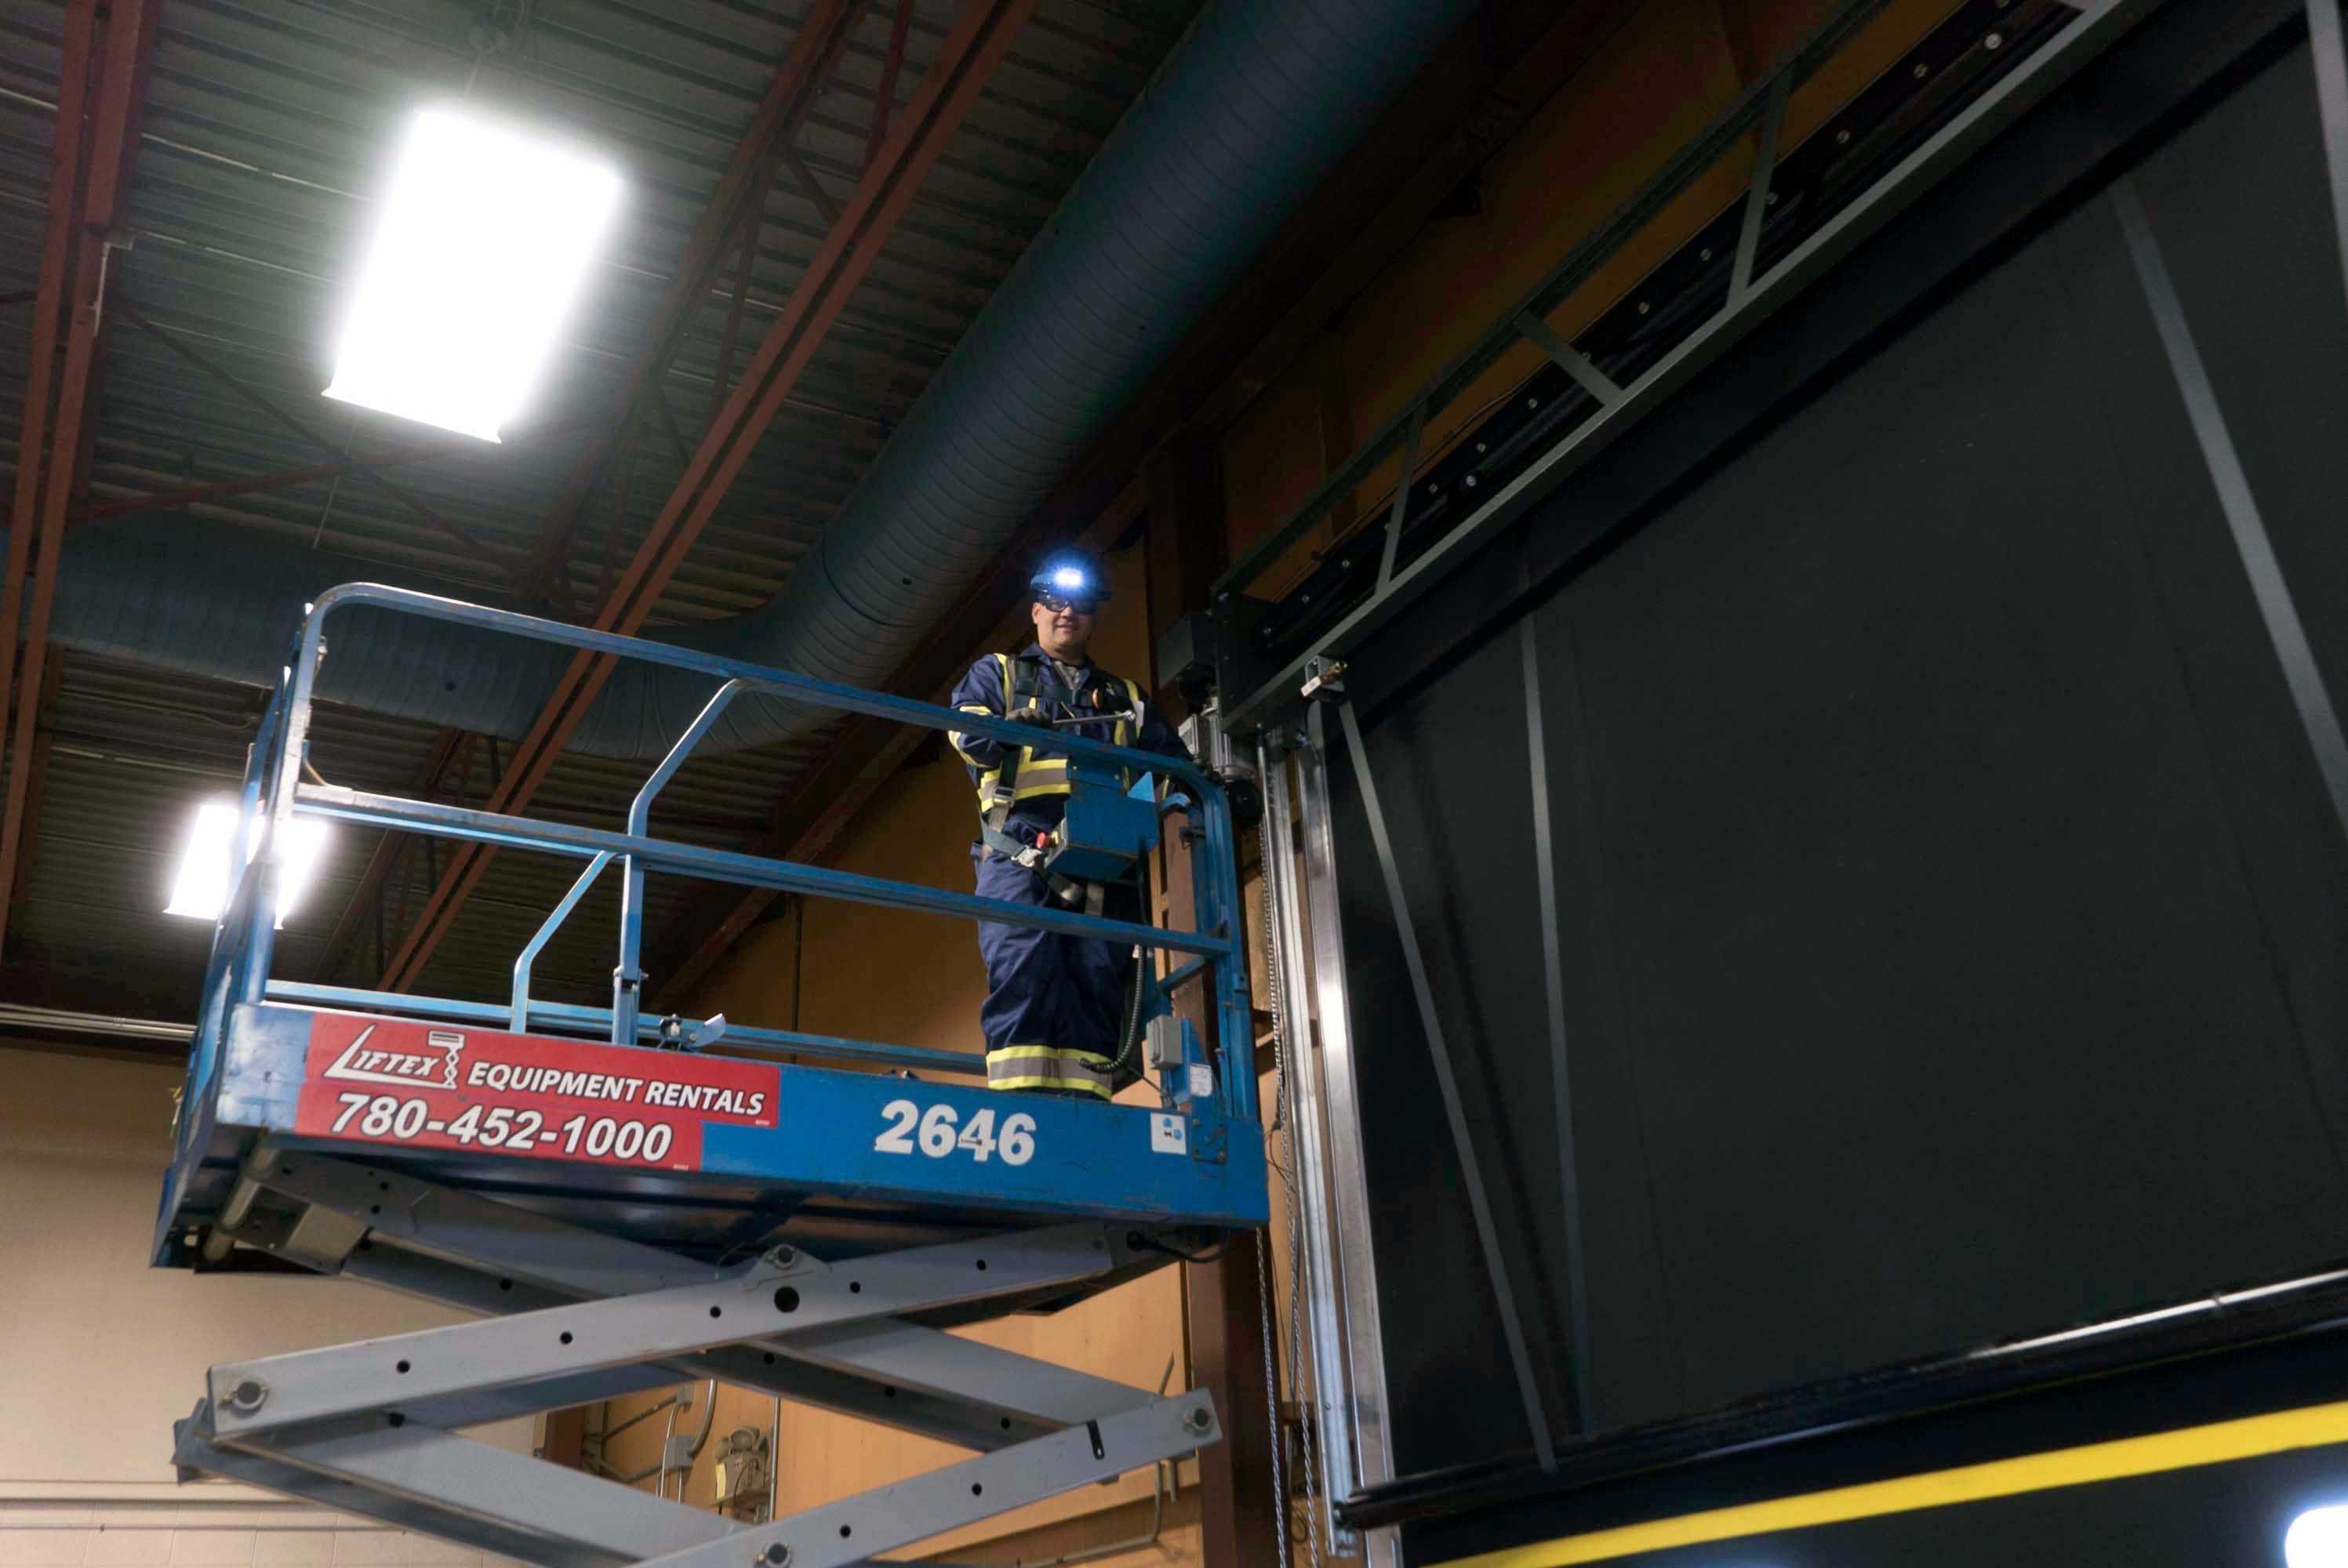 commercial door service technician from creative door